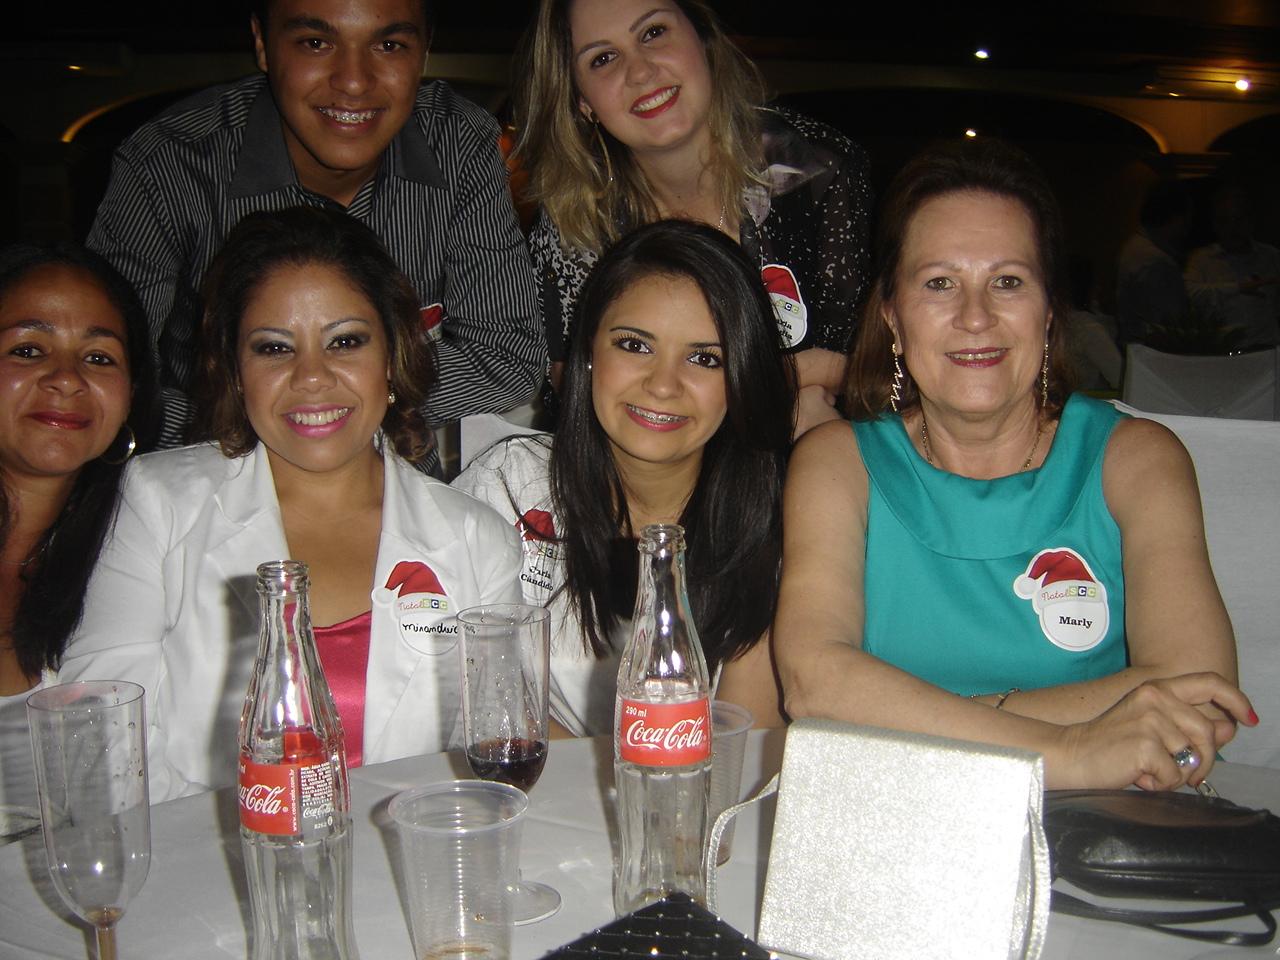 SCC REALIZOU GRANDE FESTA DE NATAL COM COLABORADORES E FAMILIARES